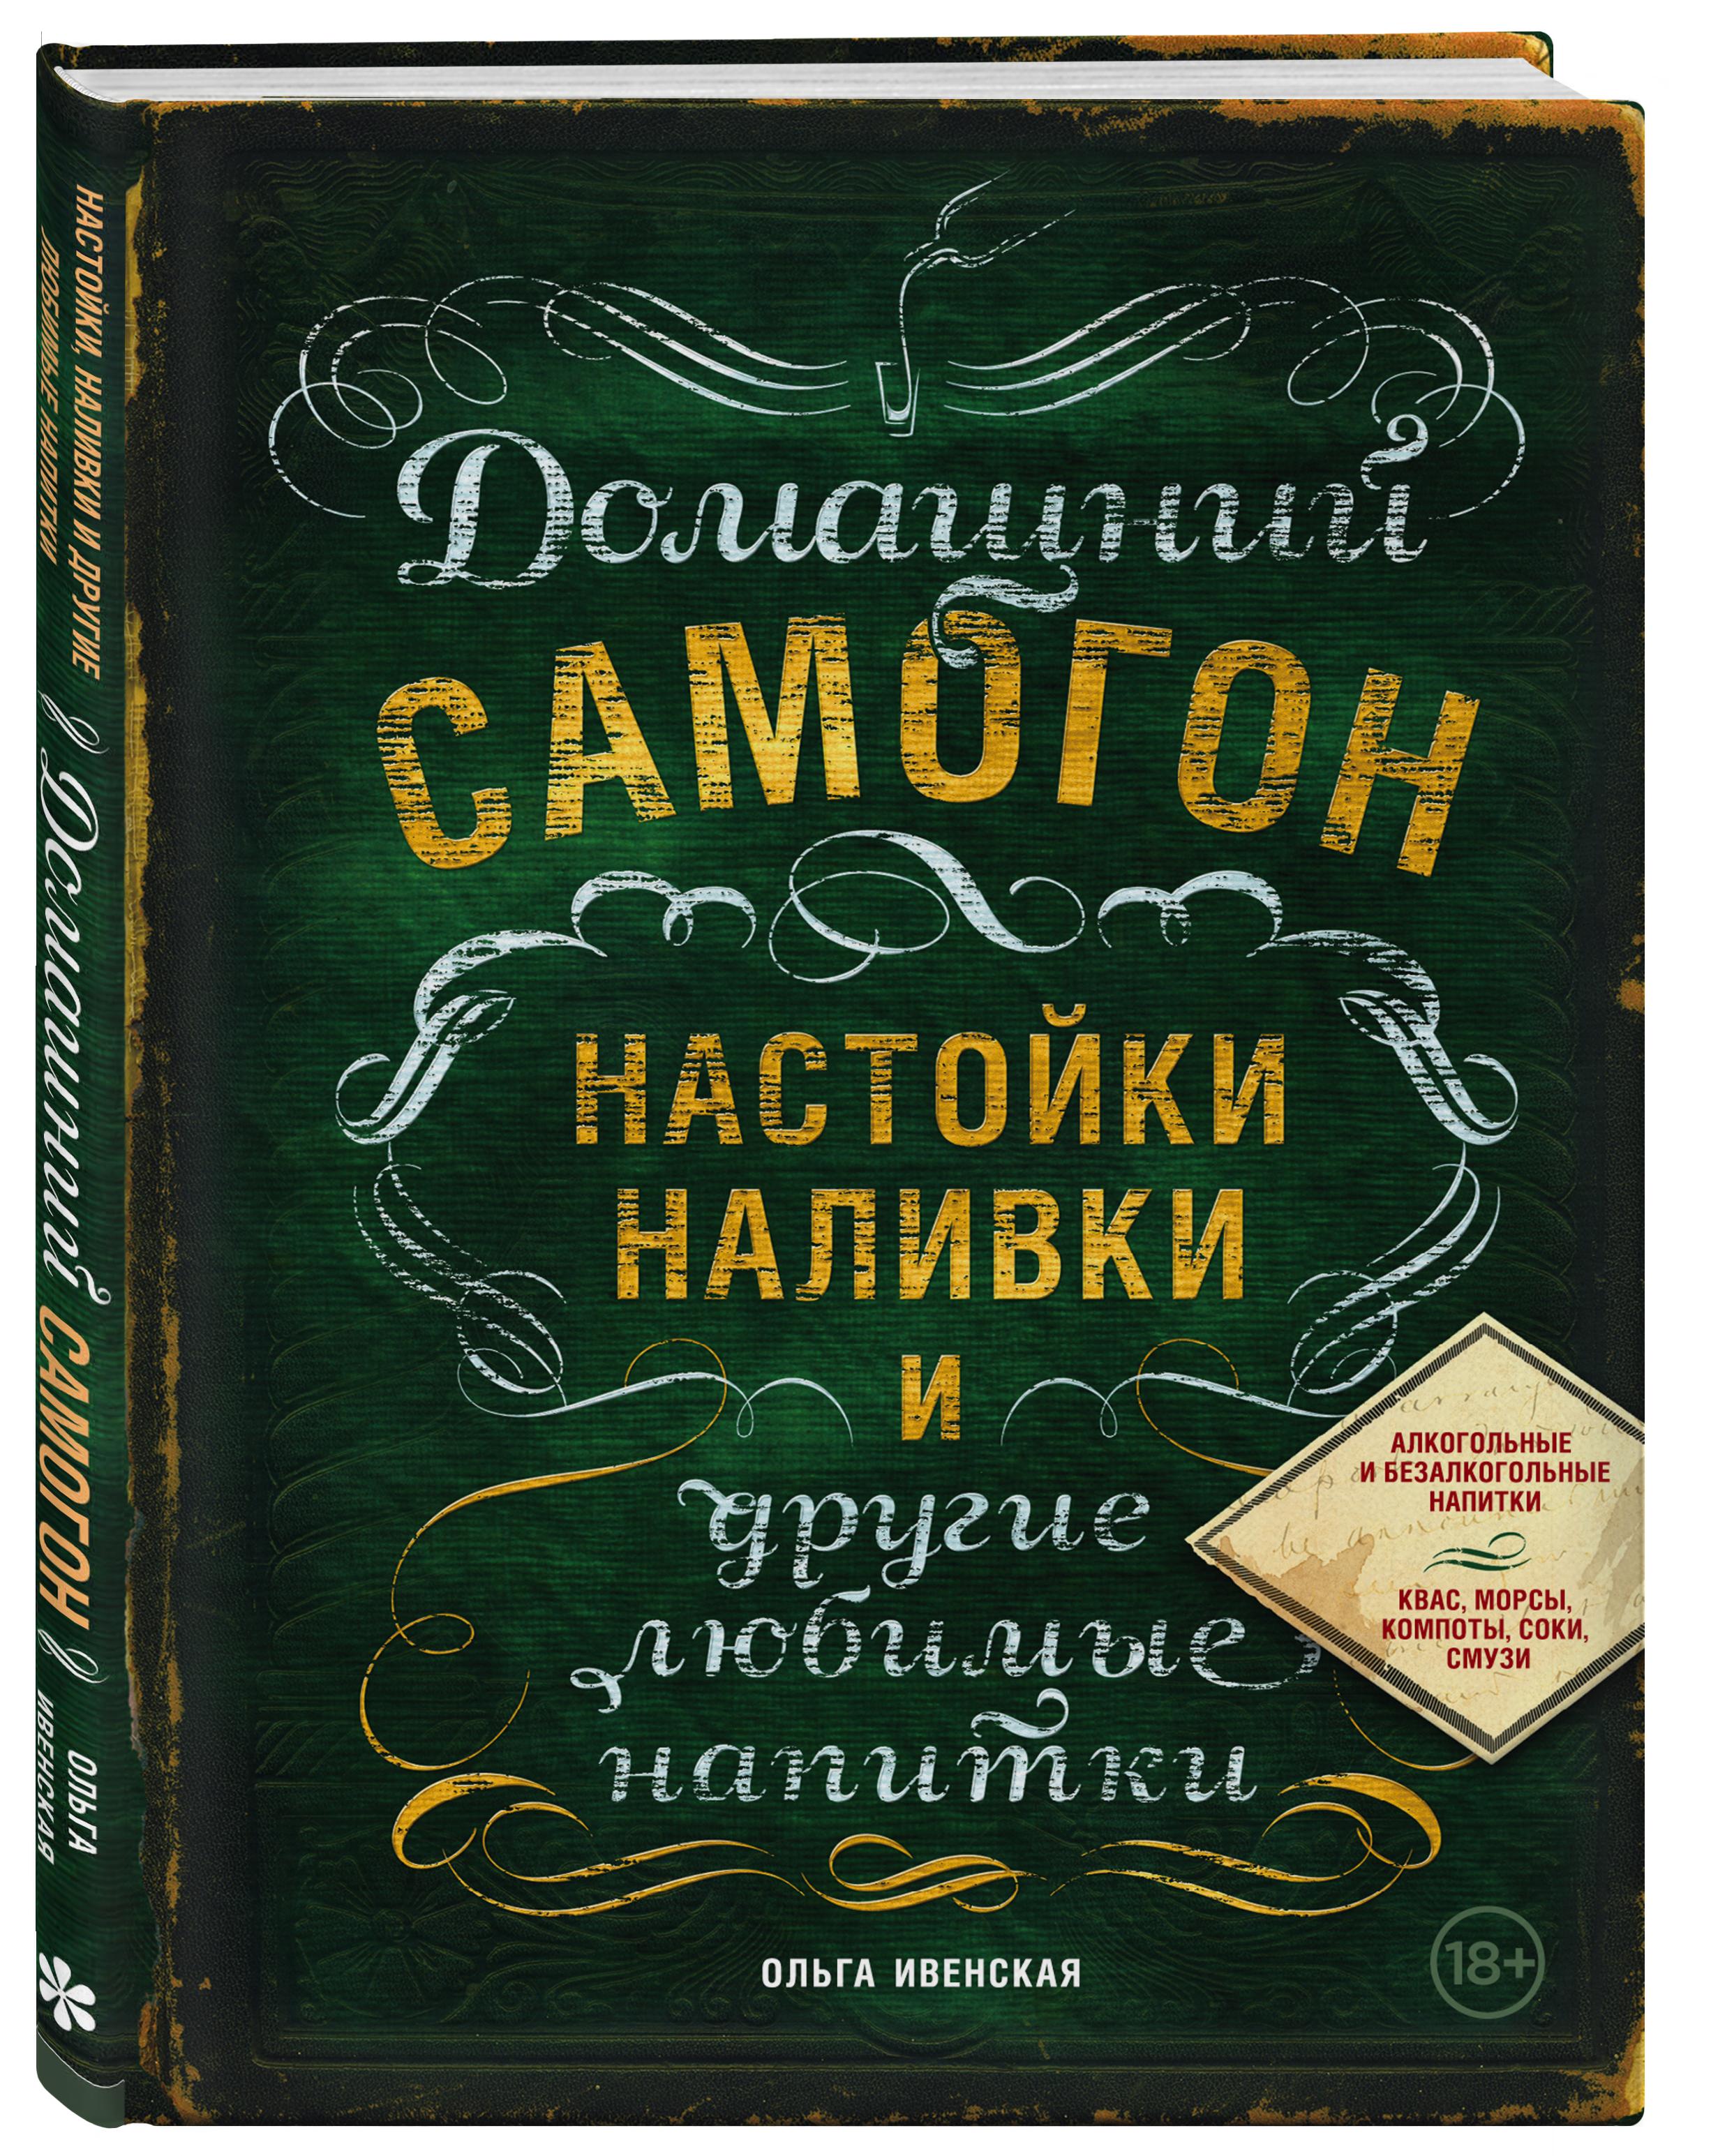 цена на Ольга Ивенская Домашний самогон, настойки, наливки и другие любимые напитки